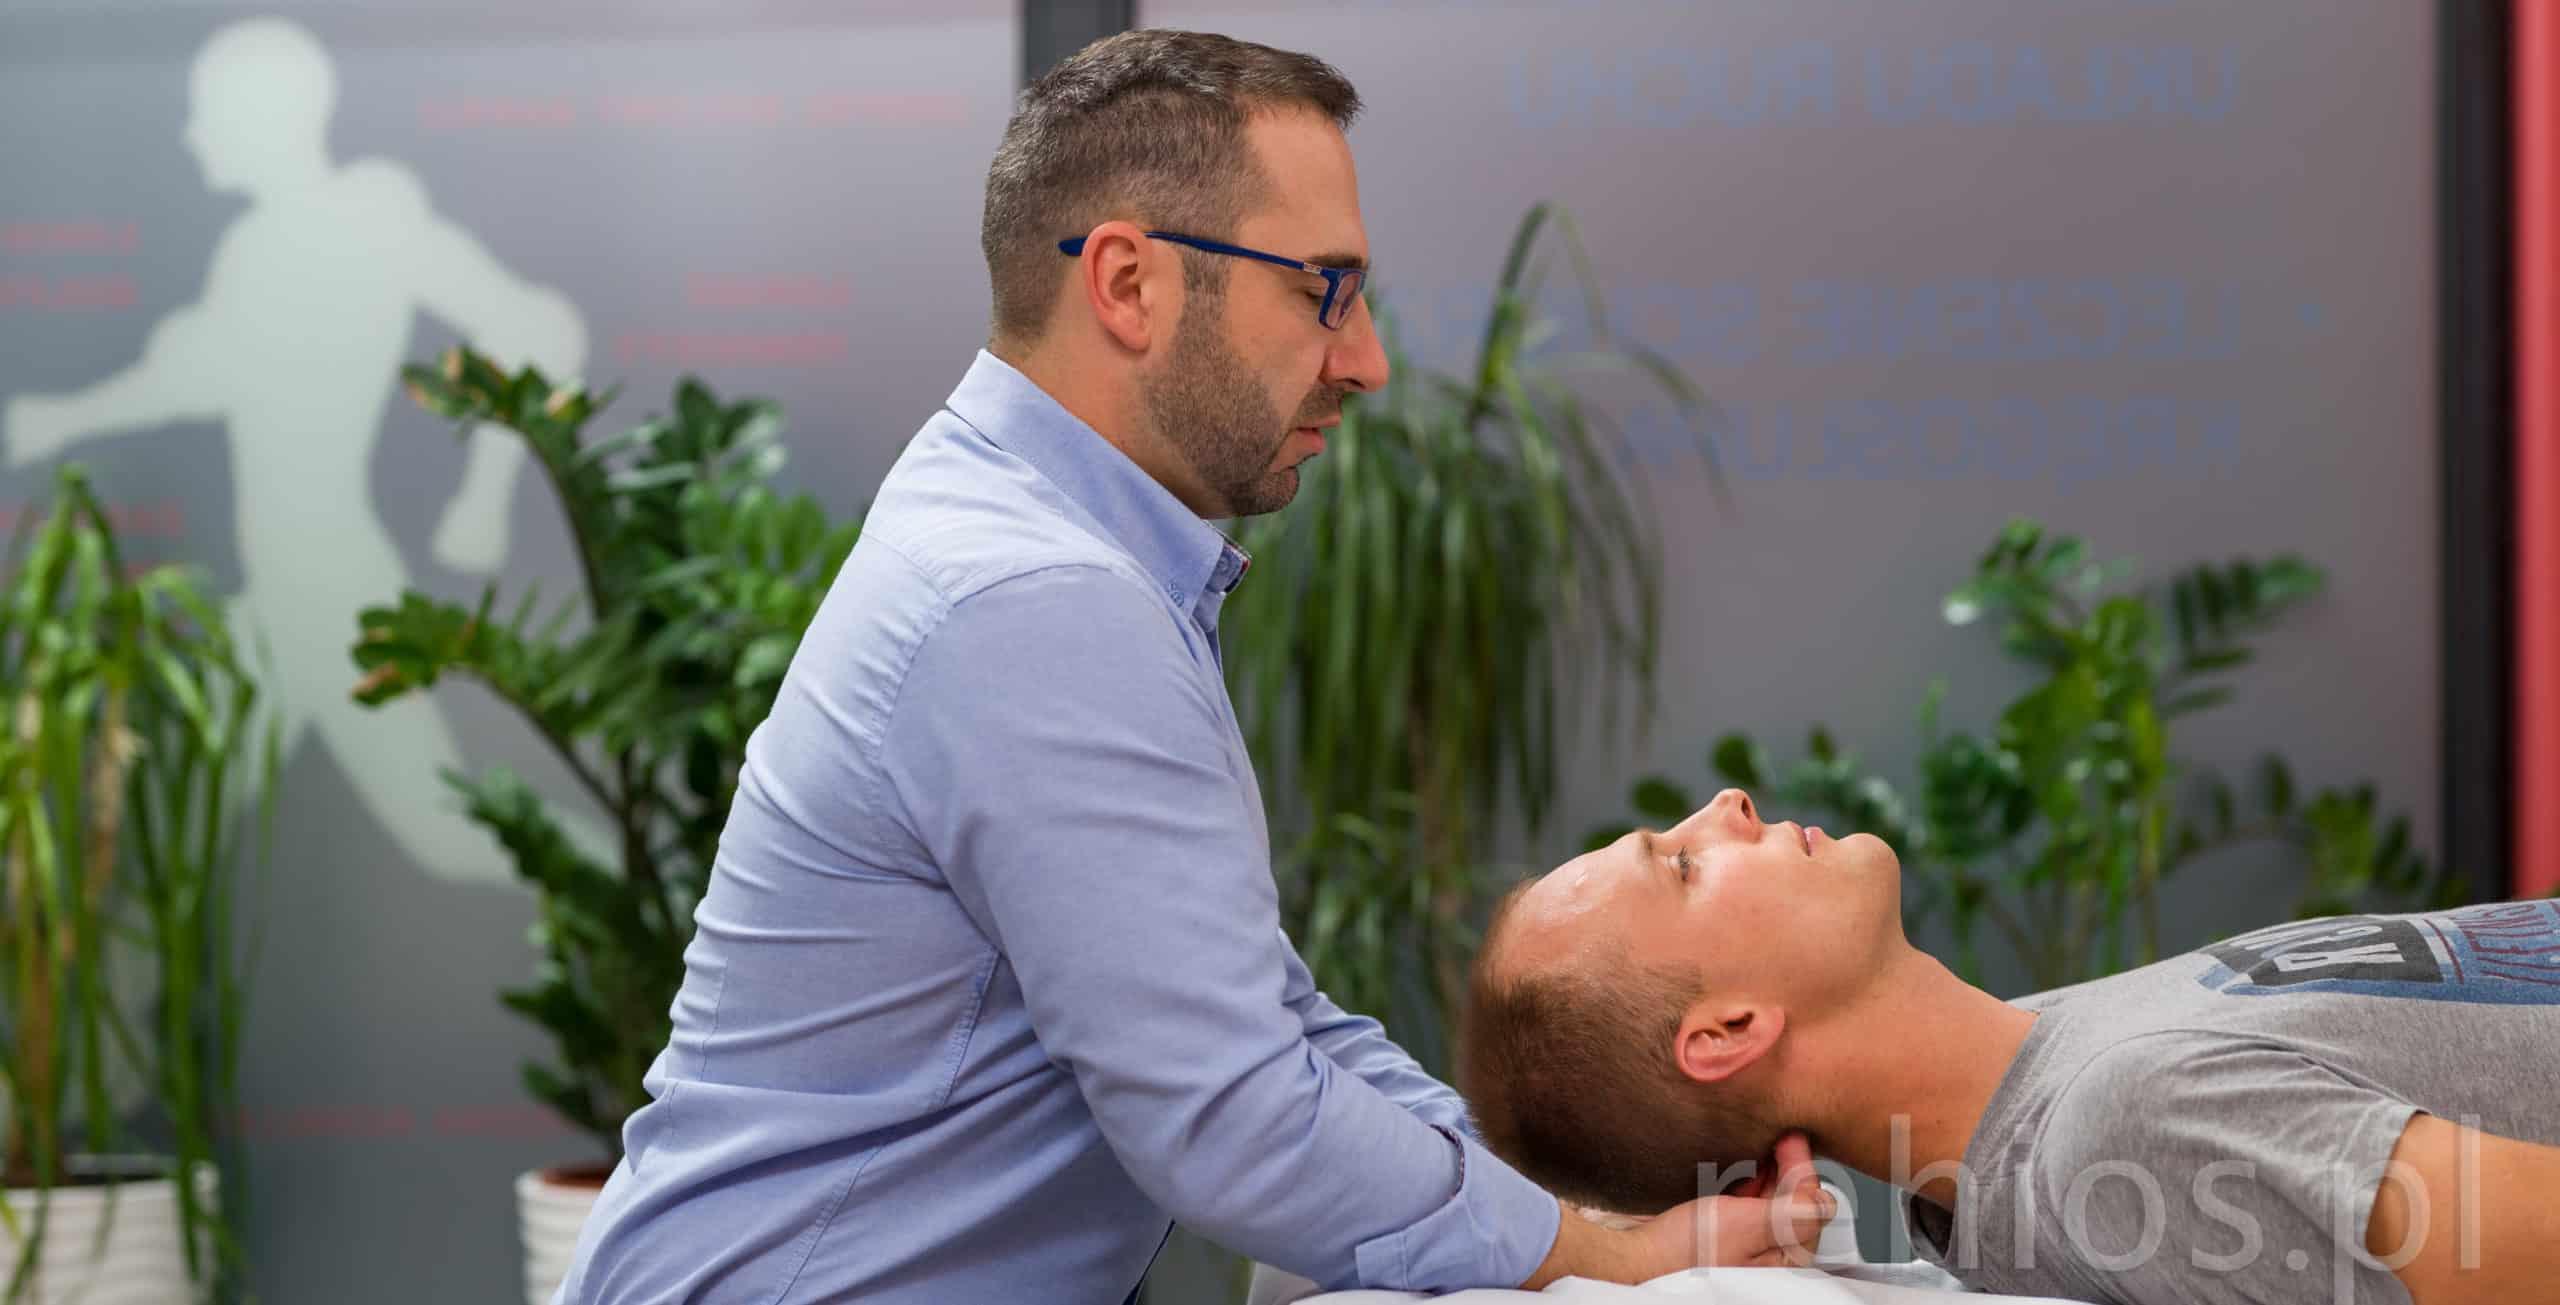 Ból głowy - leczenie osteopatyczne